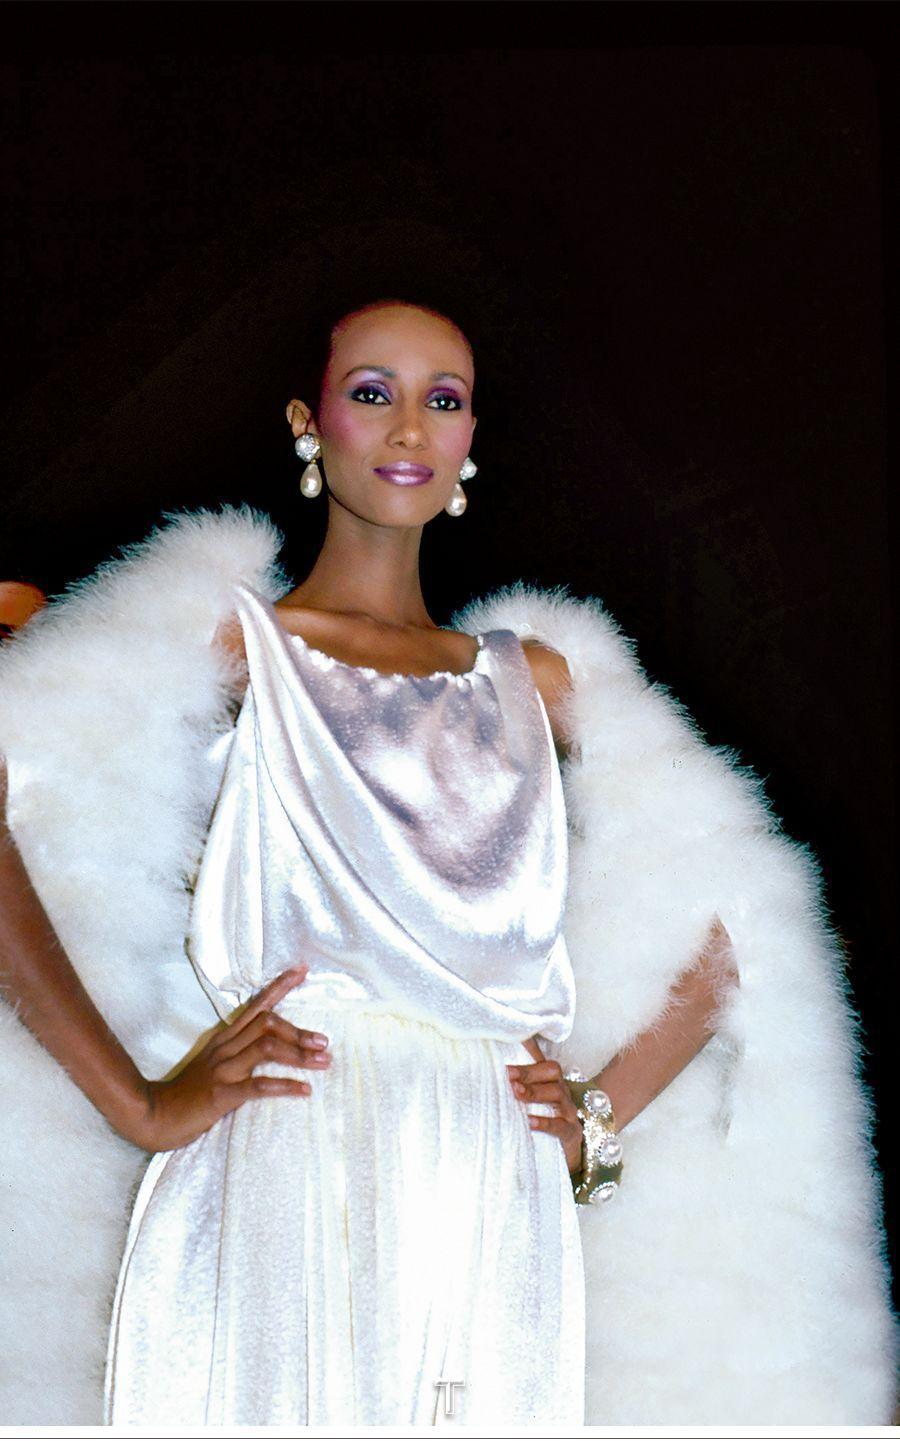 寻找美国时尚自成一时时开奖号码派的时刻,要往回走大约 30 年